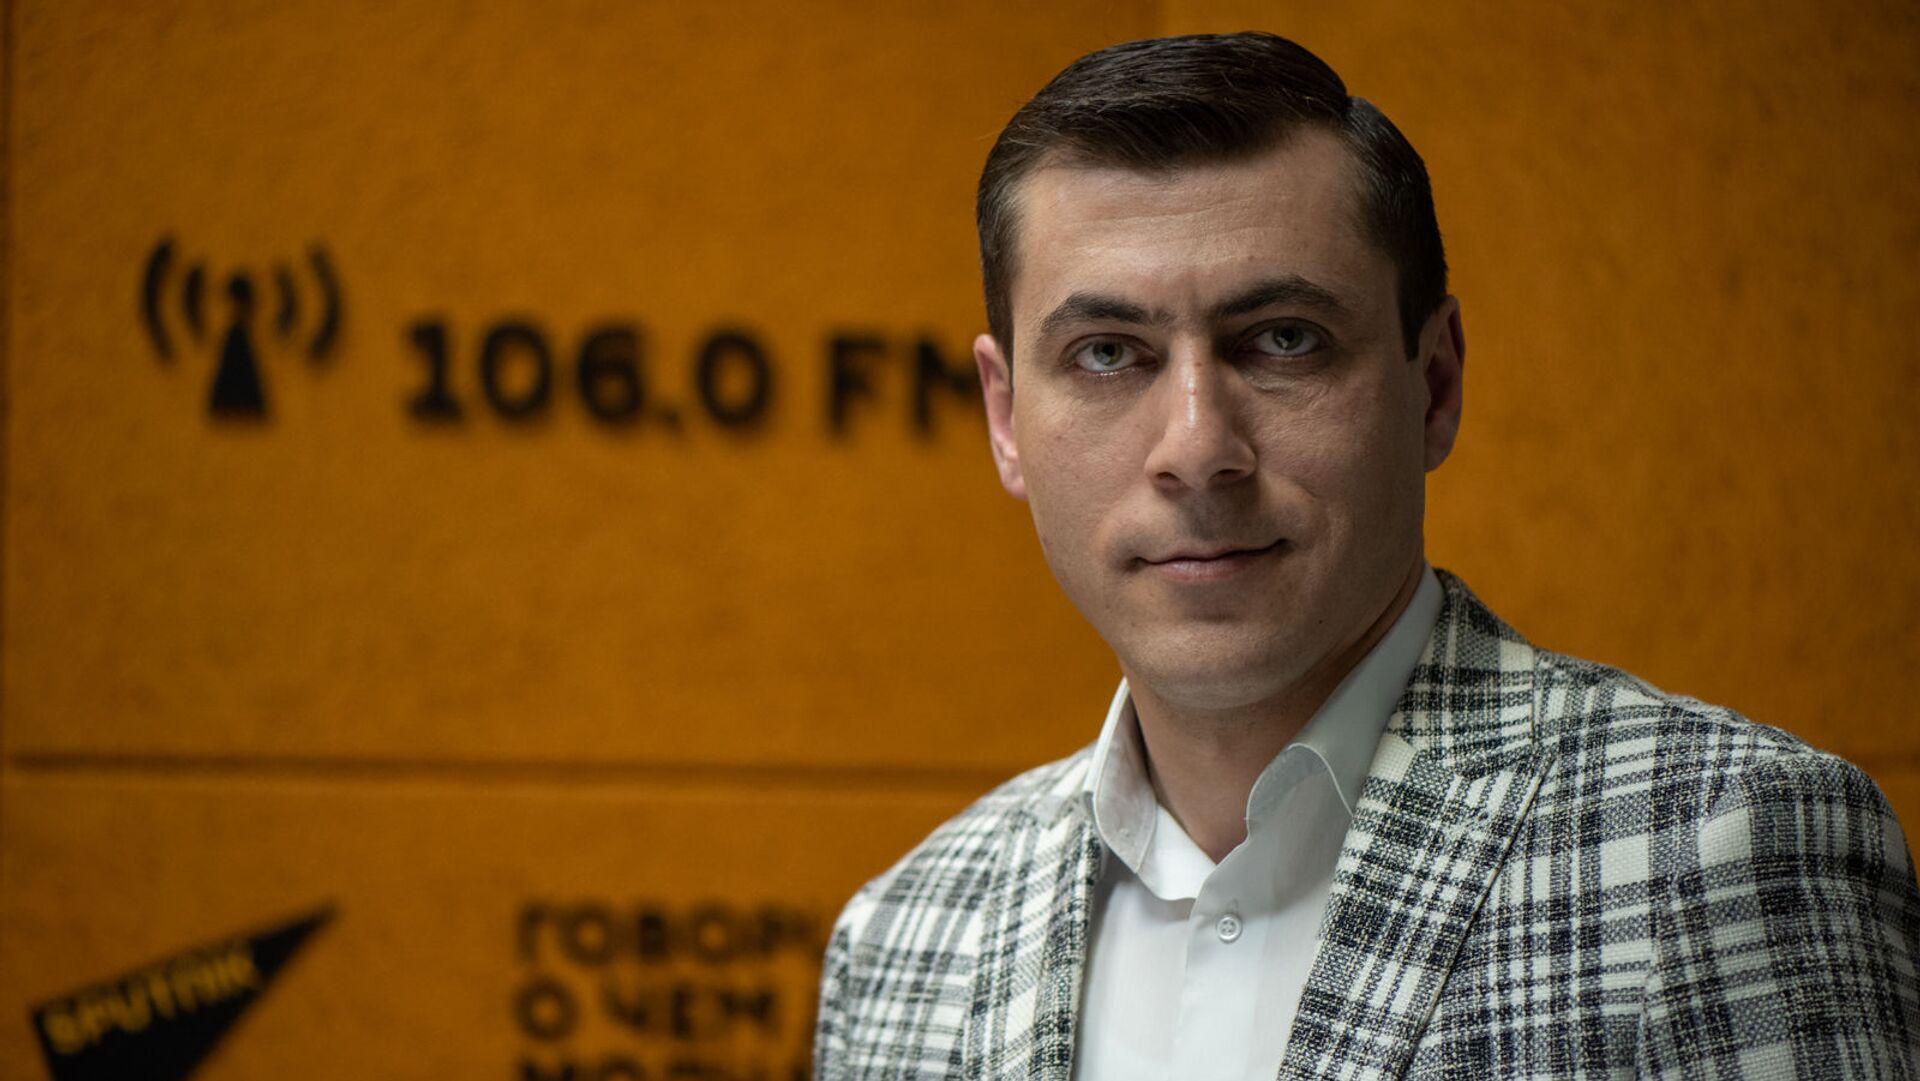 Главный синоптик Гагик Суренян в гостях радио Sputnik Армения - Sputnik Армения, 1920, 10.04.2021